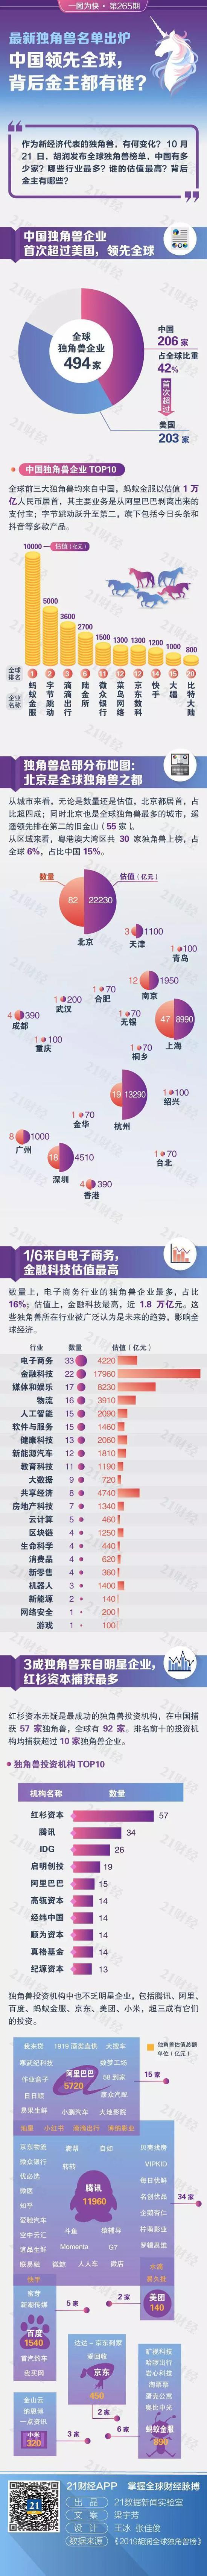 永富国际娱乐官方网站 - 问题P2P平台1282家 浙江地区占比最高达22.39%